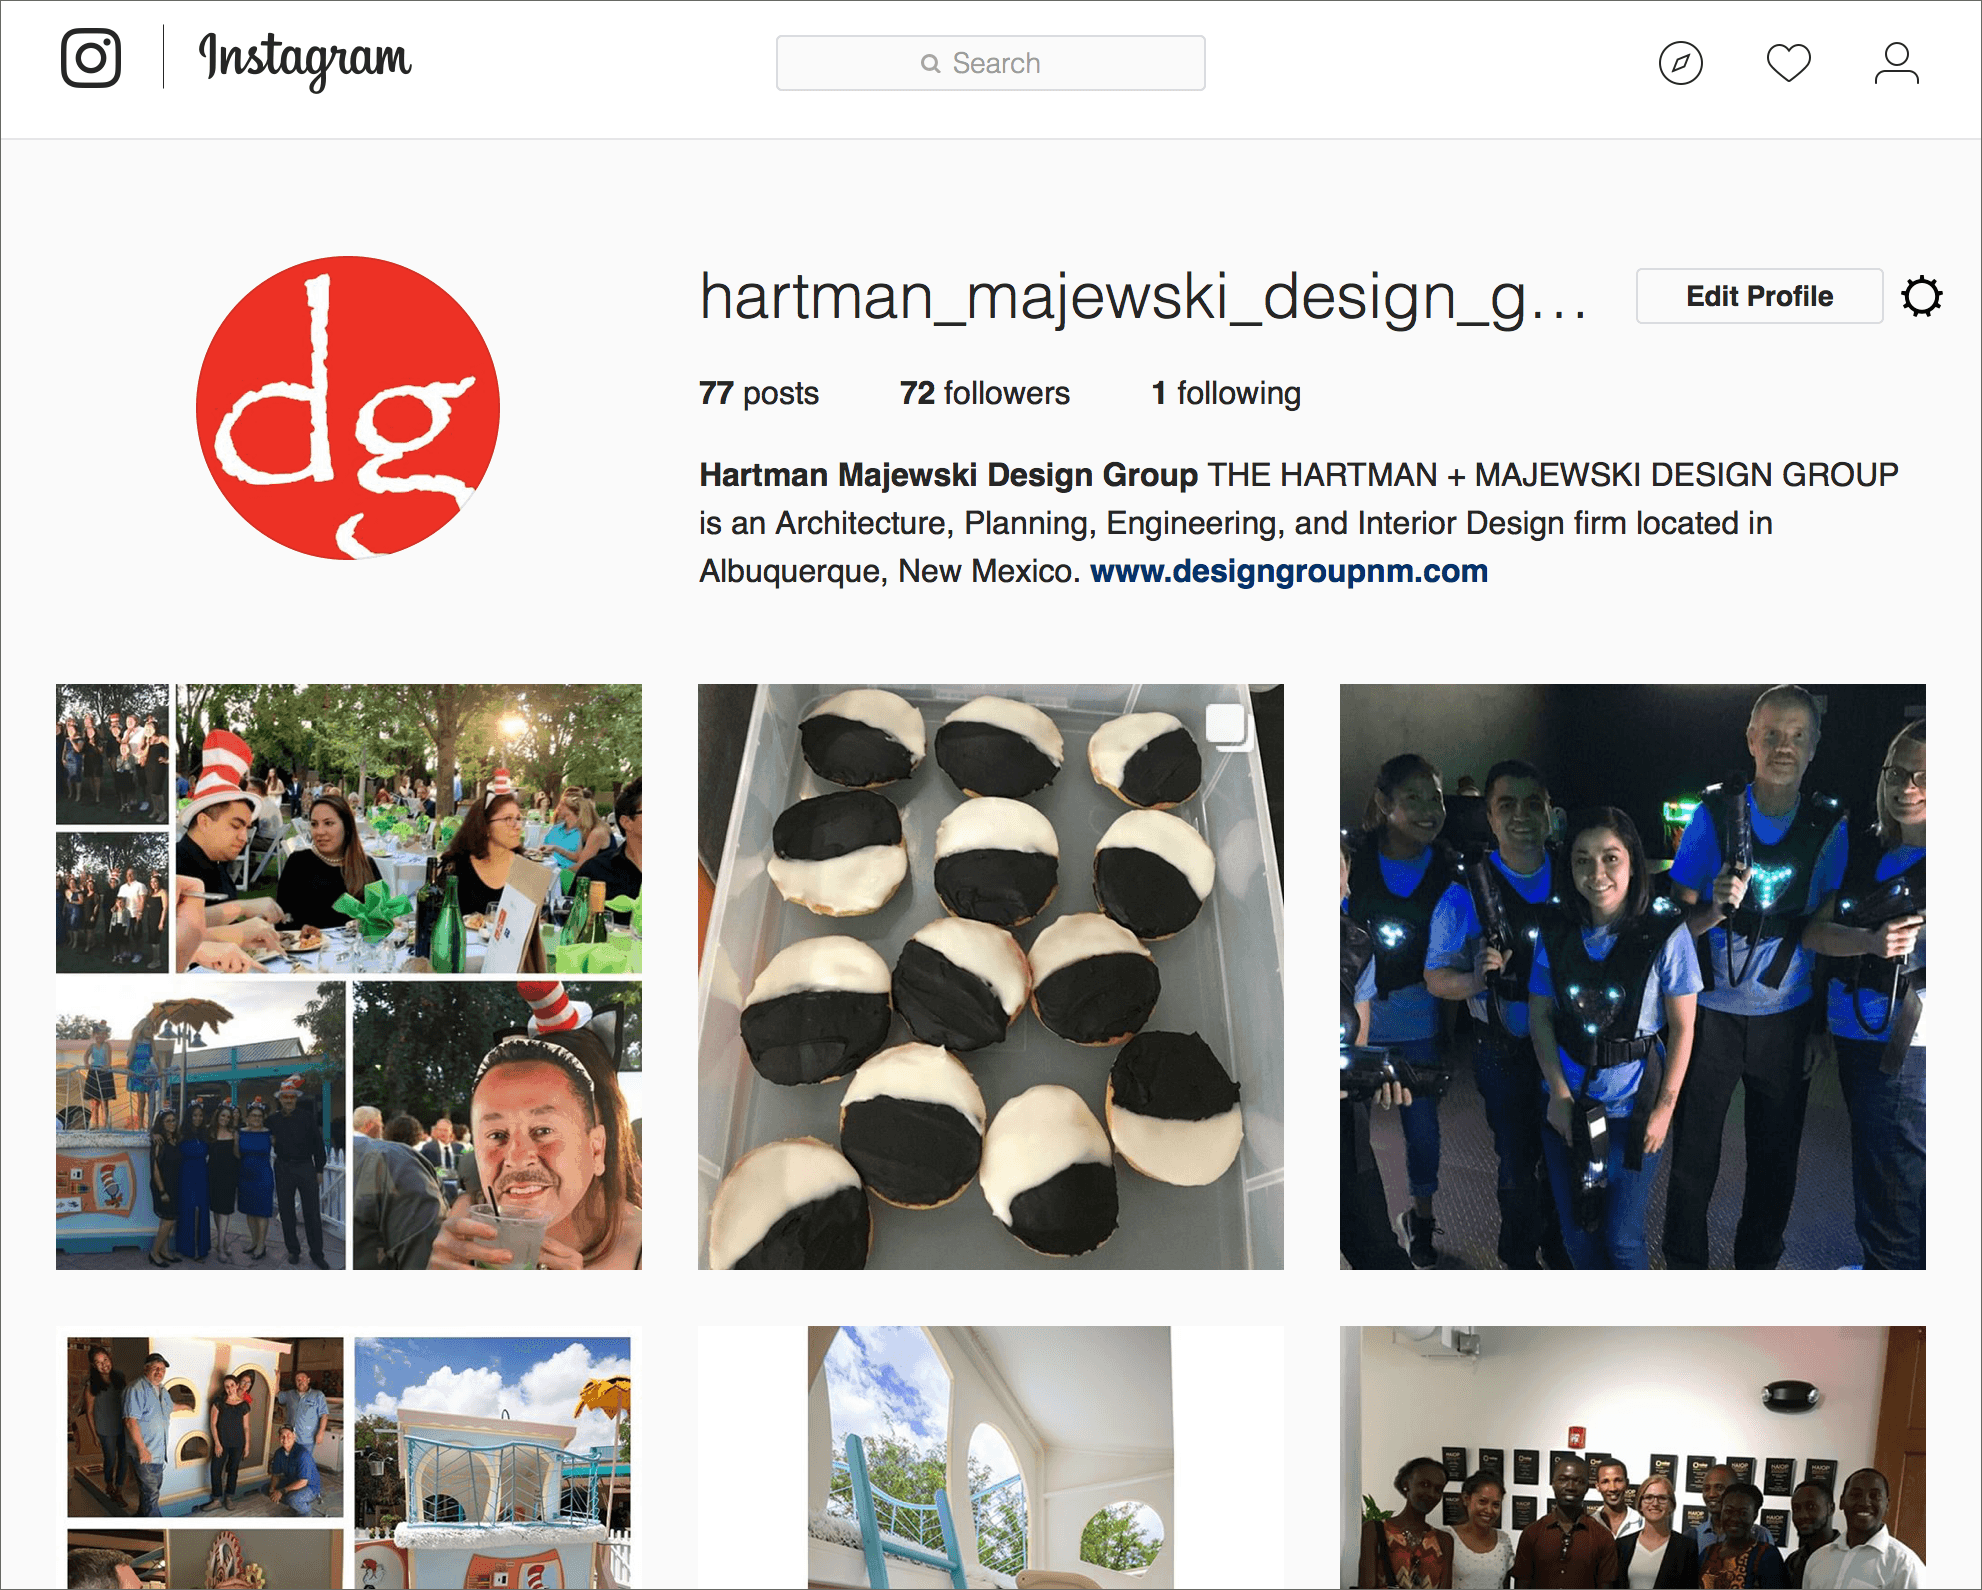 dg-instagram